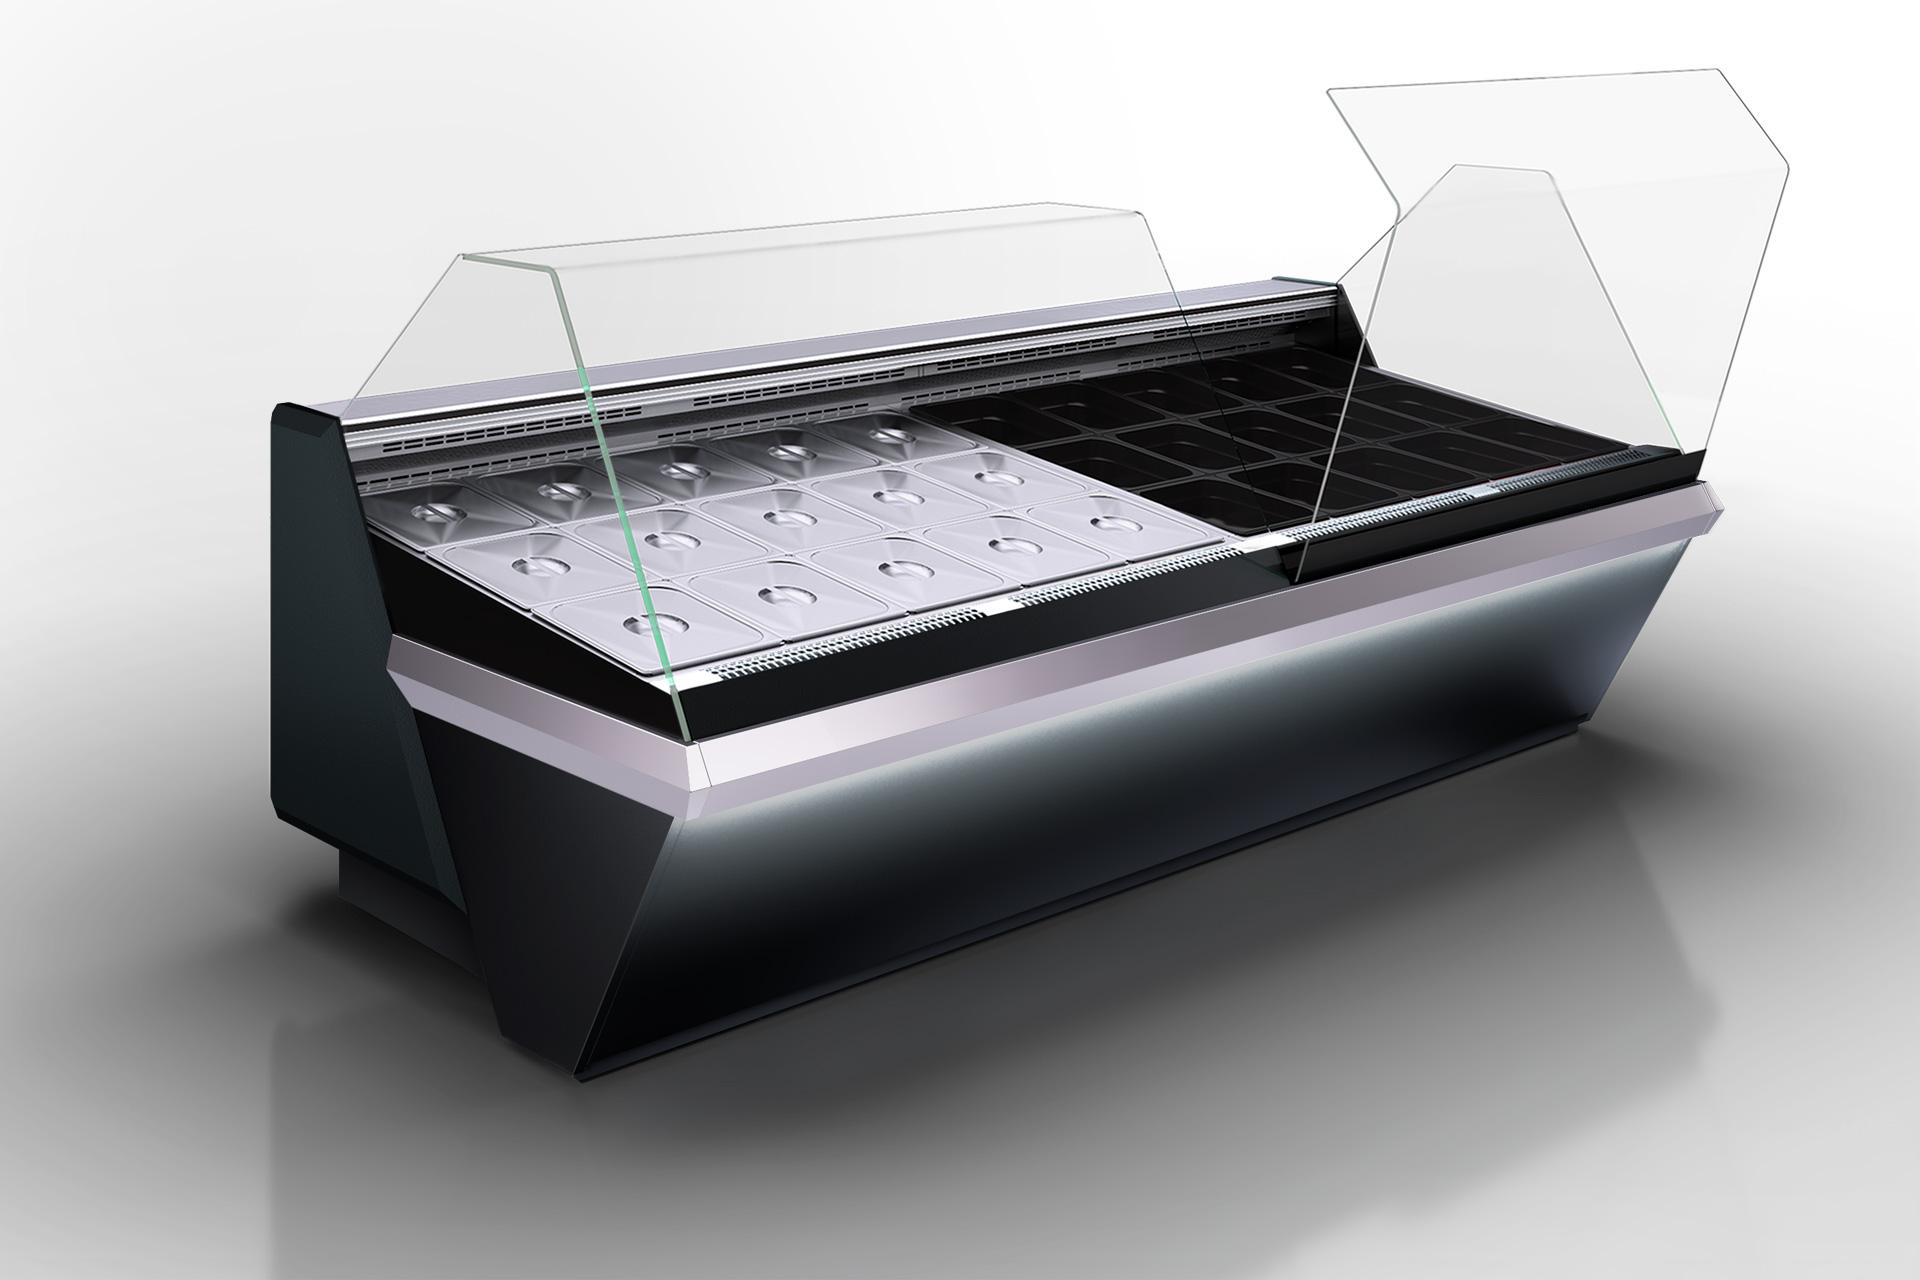 Холодильна вітрина Missouri enigma MK 120 deli OS 120-DBM (option)